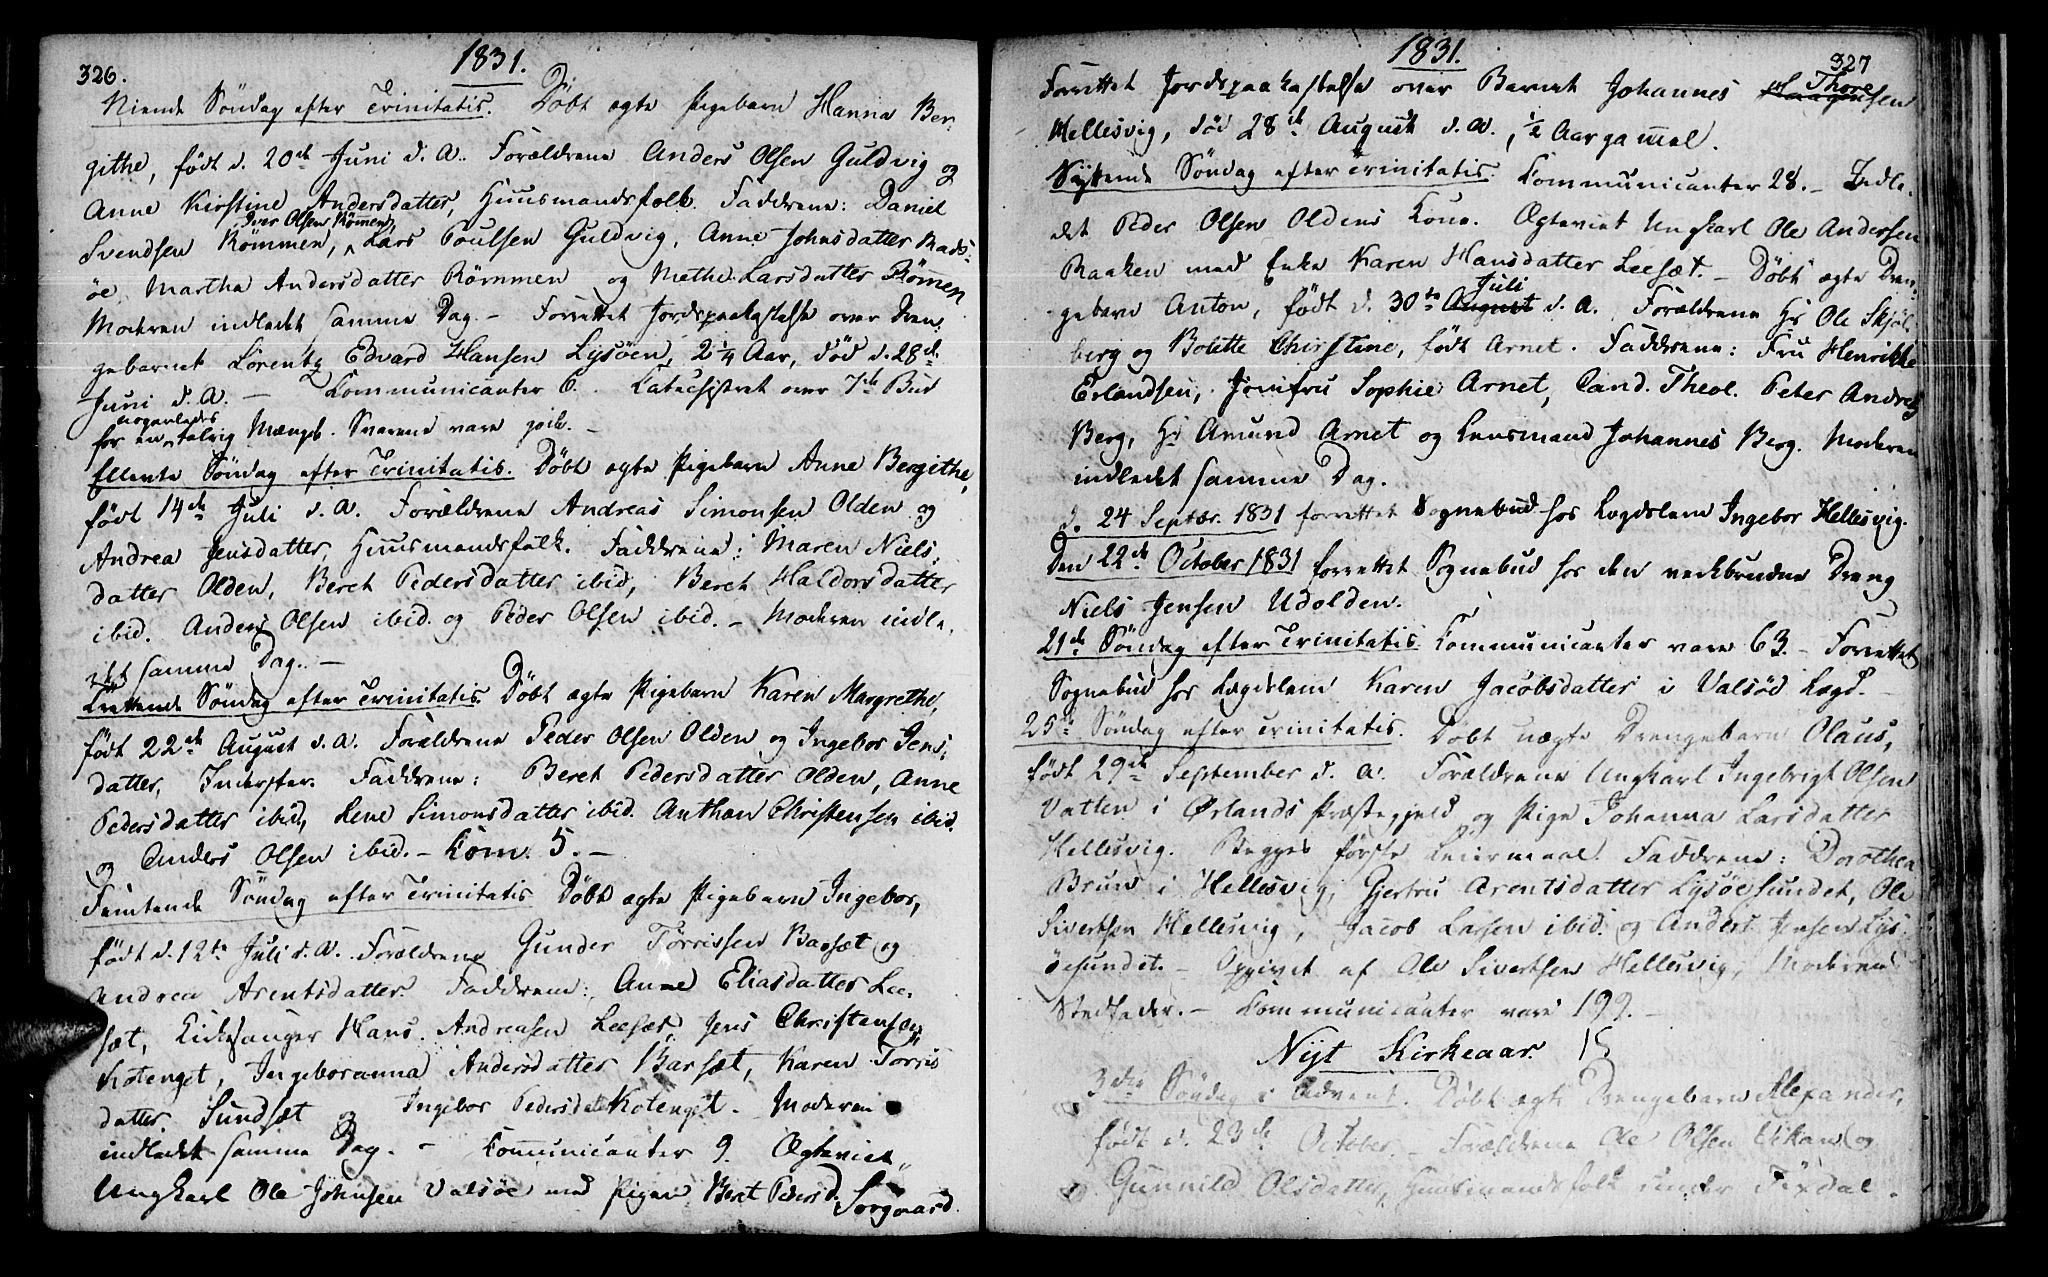 SAT, Ministerialprotokoller, klokkerbøker og fødselsregistre - Sør-Trøndelag, 655/L0674: Ministerialbok nr. 655A03, 1802-1826, s. 326-327